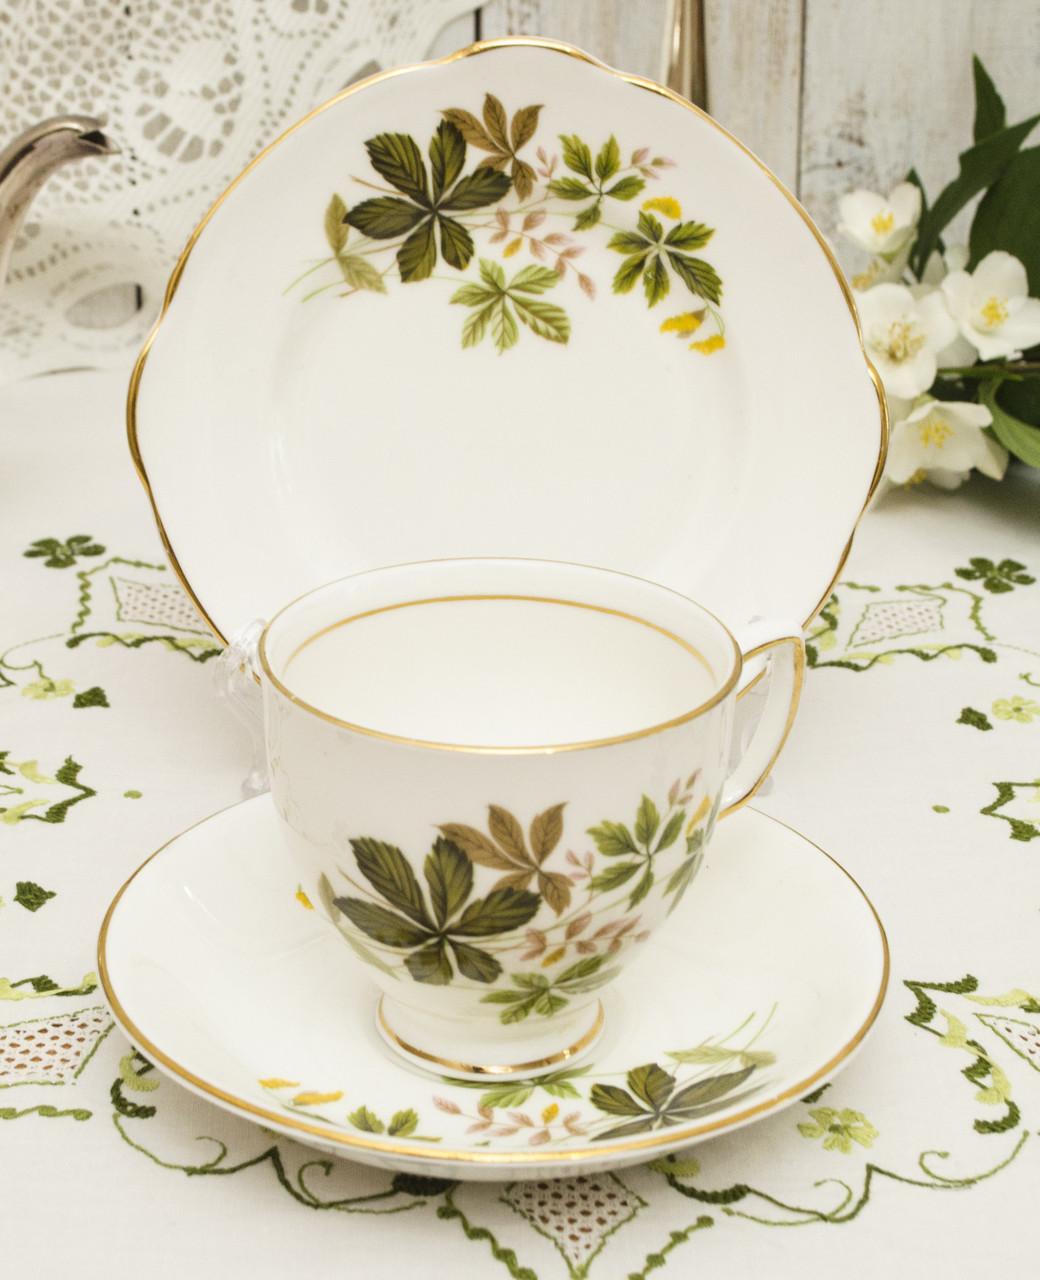 Английская чайная тройка, чашка, блюдце и тарелочка, костяной фарфор, Англия, Duches